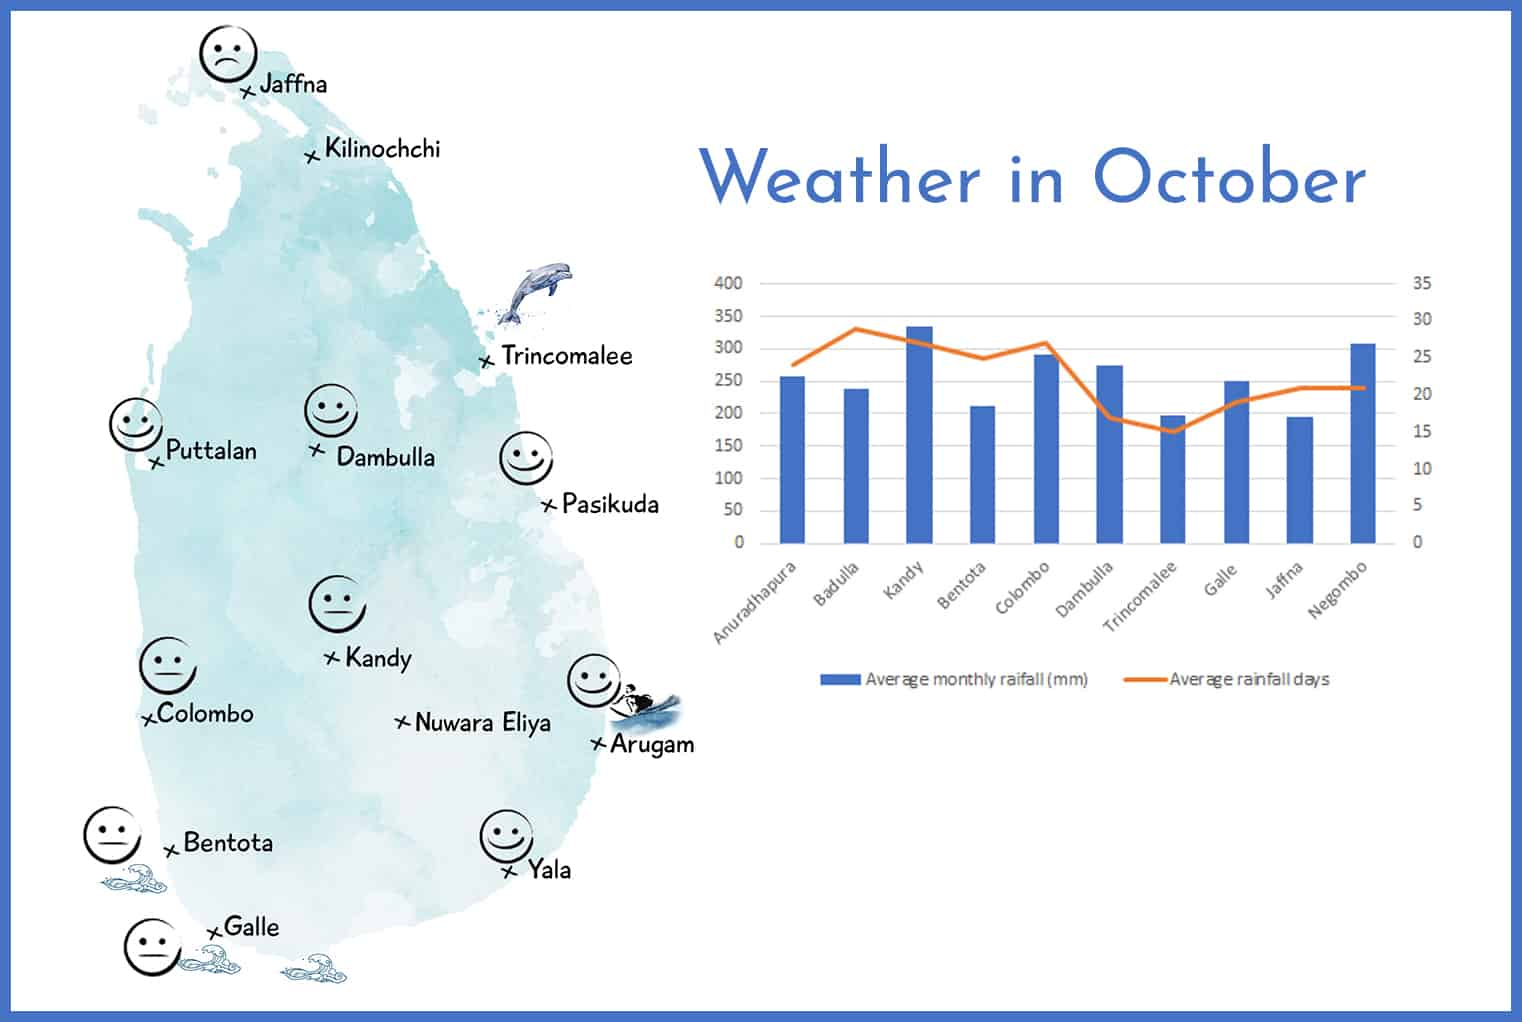 Weather in Sri Lanka in October